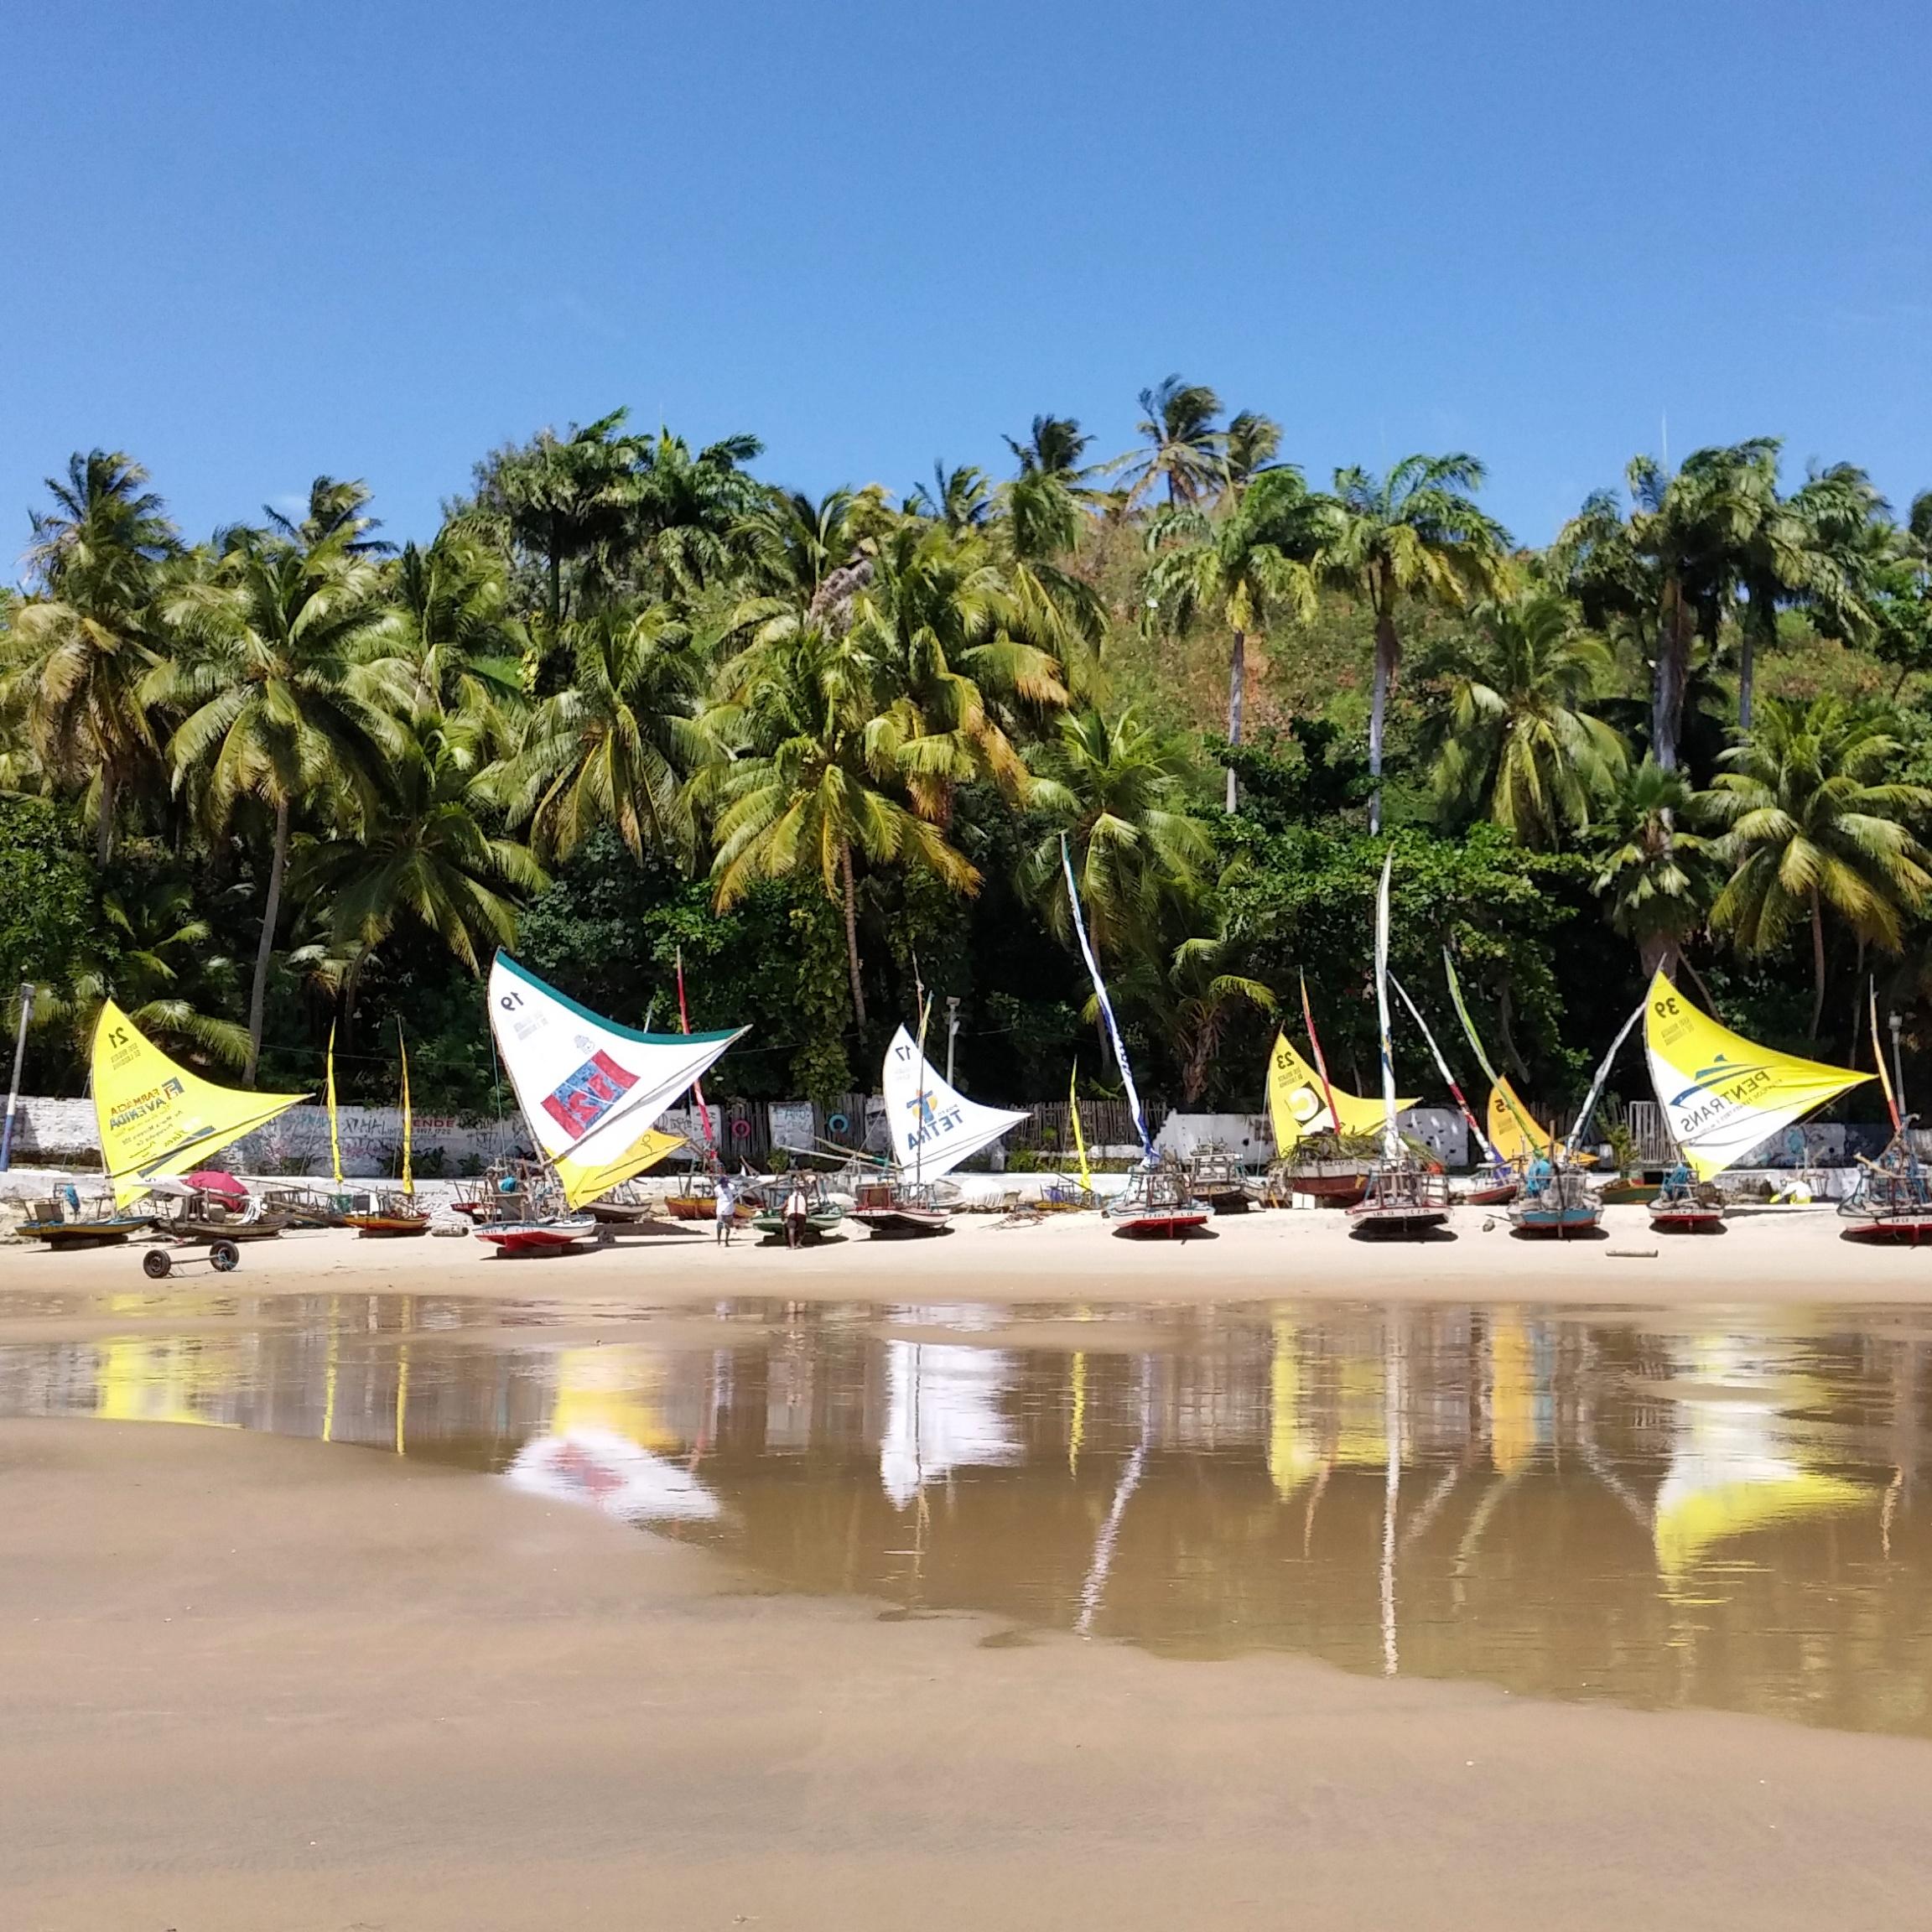 Praia de Lagoinha, Paraipaba - CE, by Luciana de Paula, 2016